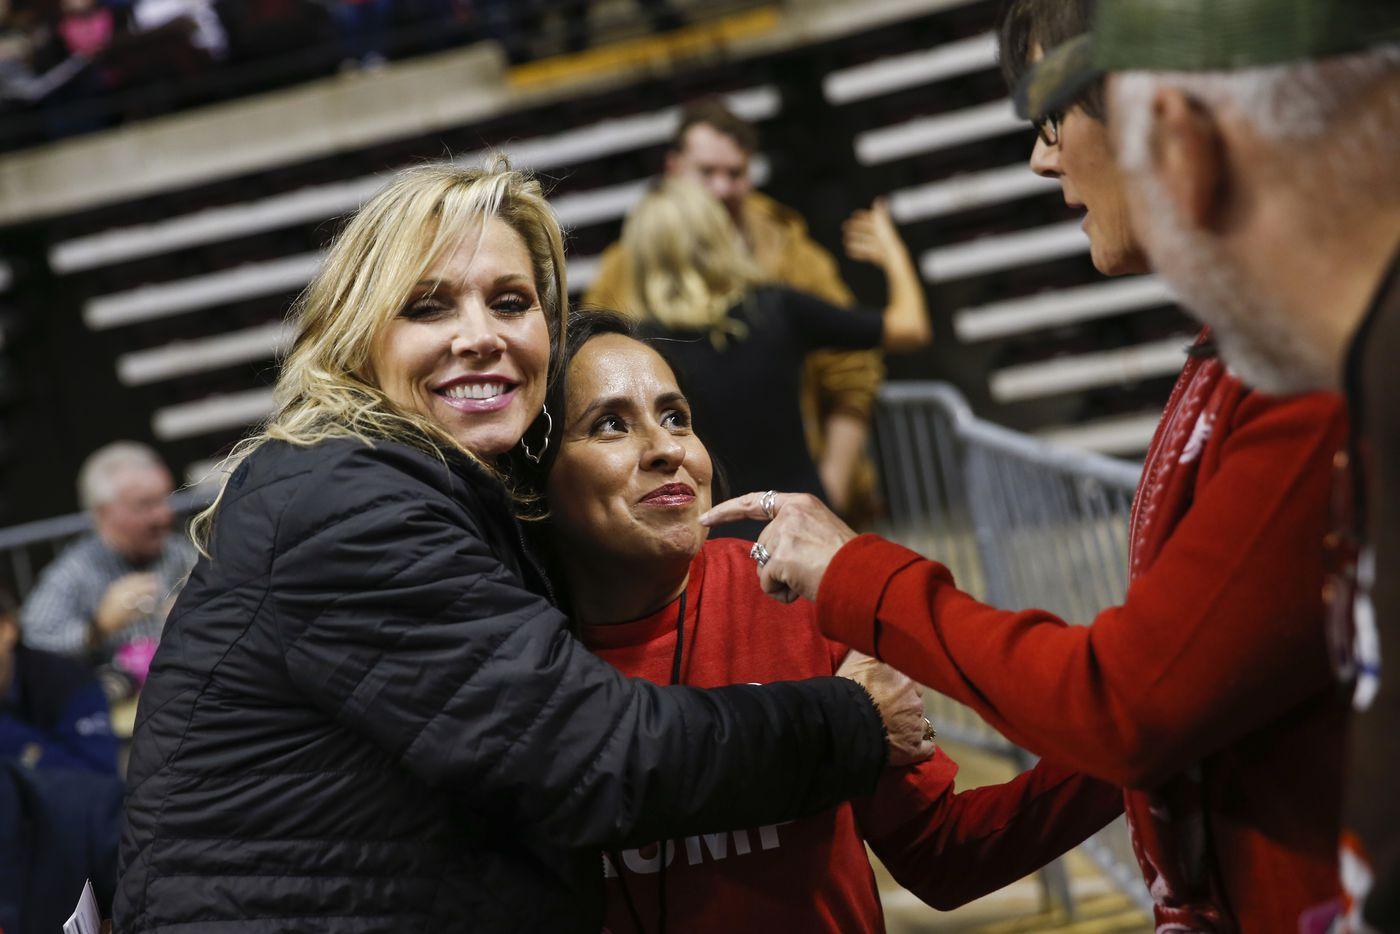 Teri Netterville (à gauche) de la radio KEEL 710 AM embrasse Martha Doss, qui a accordé une interview à la station lors d'un rassemblement pour réélire le président Donald Trump à Bossier City, en Louisiane, le 14 novembre 2019.